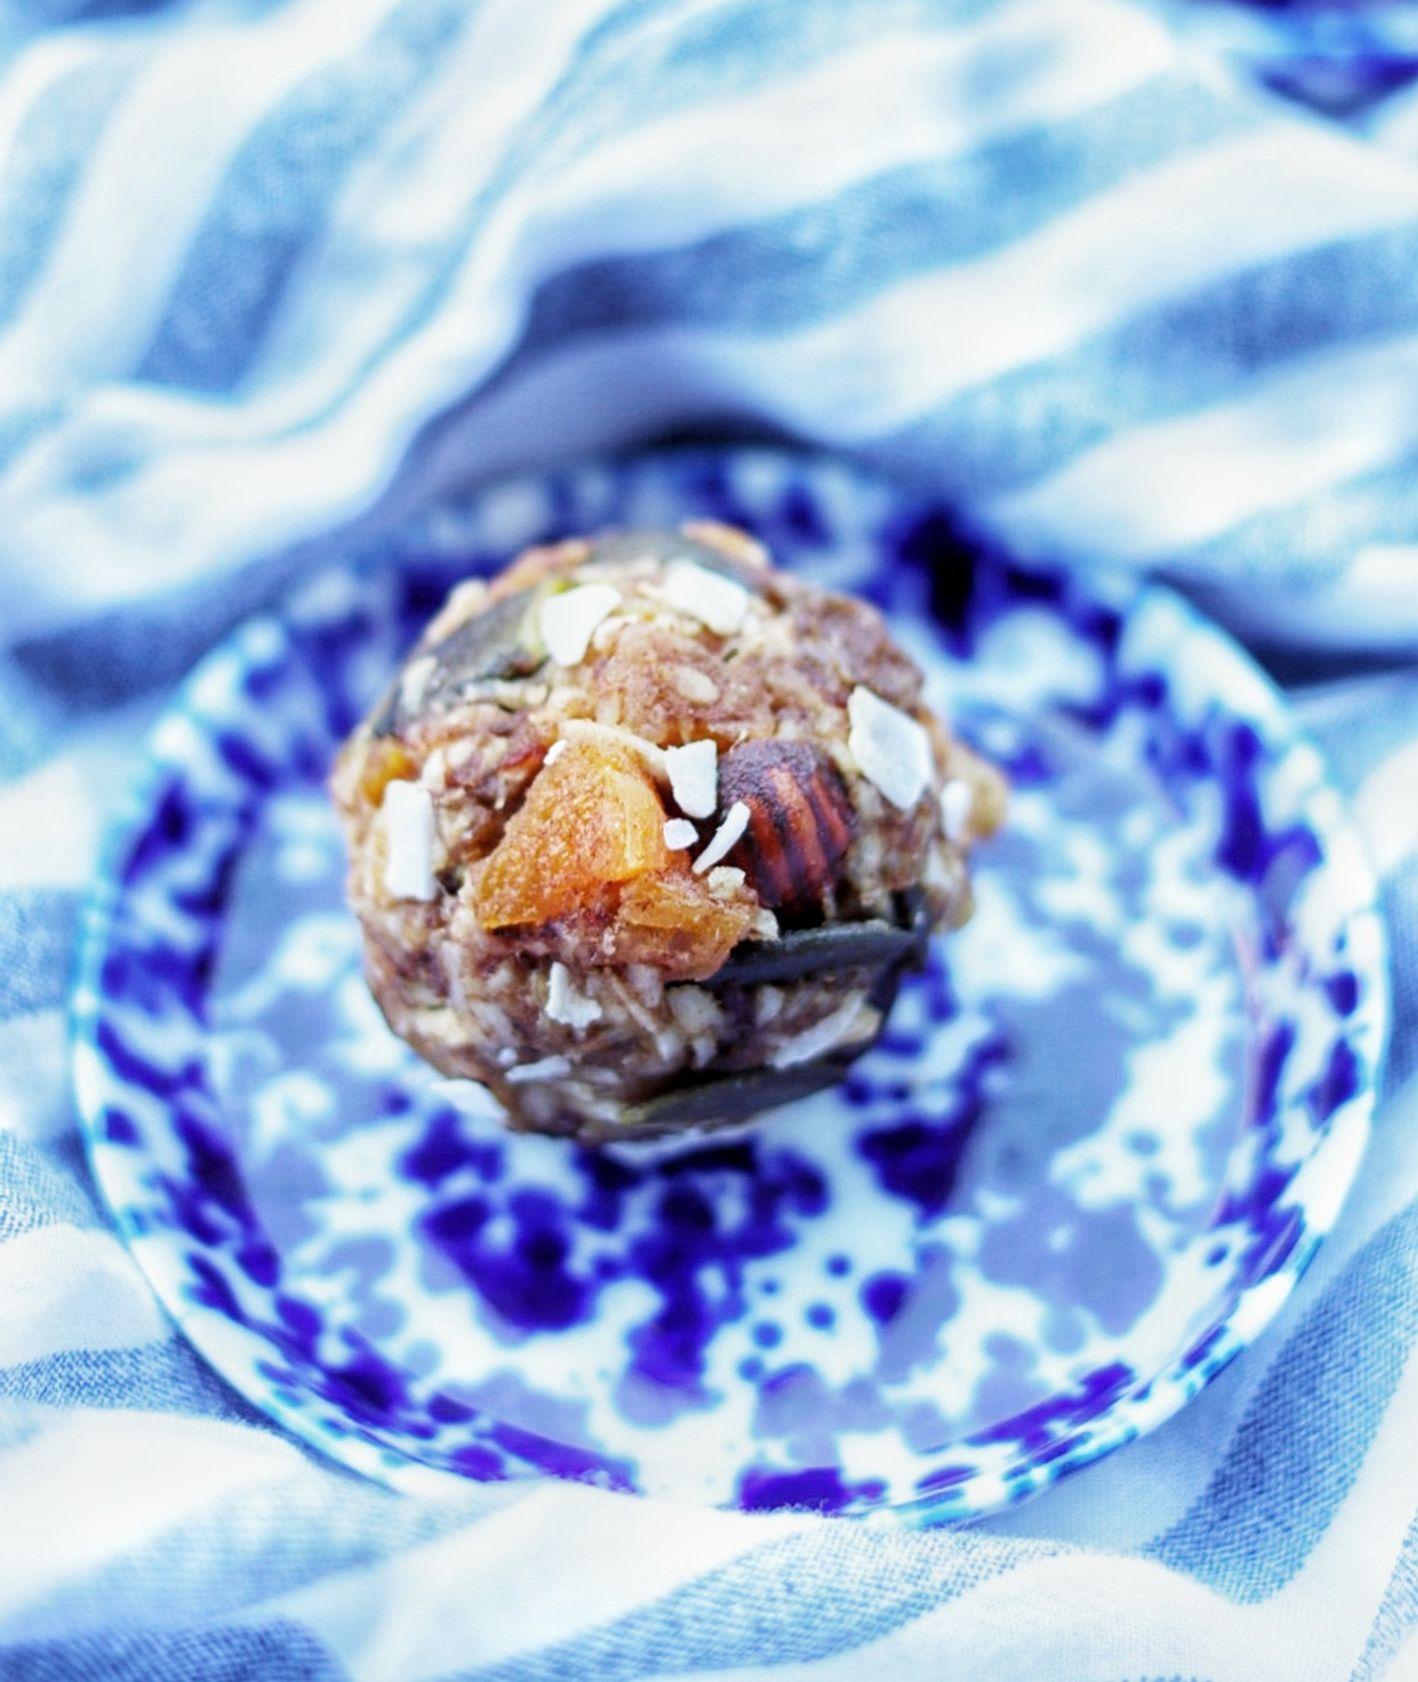 Przepis na wegańskie muesli power balls, pomysł na wegańskie przekąski (fot. Ania Dobra Kulka)